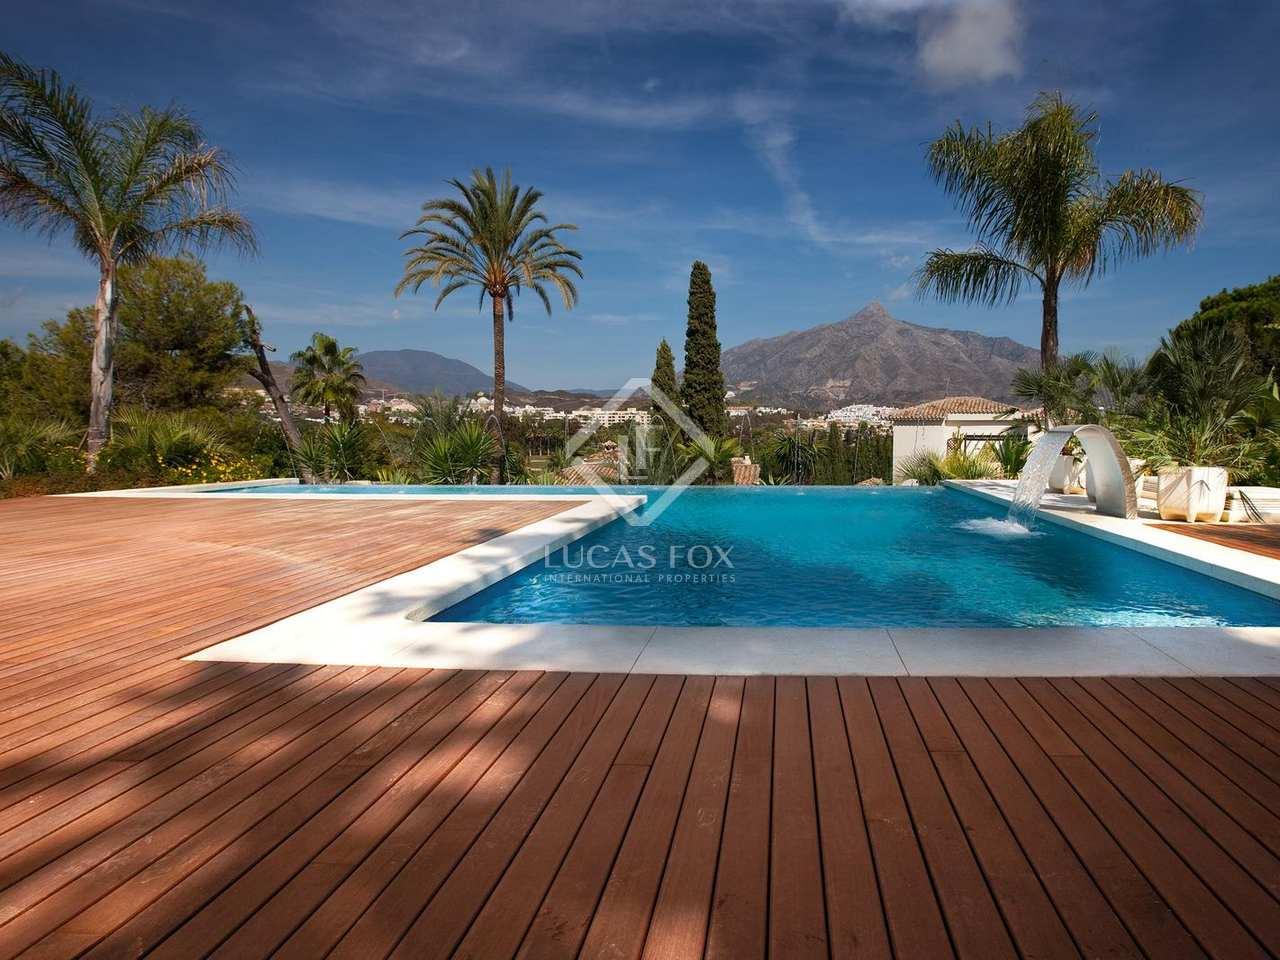 Luxury 5 bedroom villa for sale in nueva andaluc a marbella - Domotica marbella ...